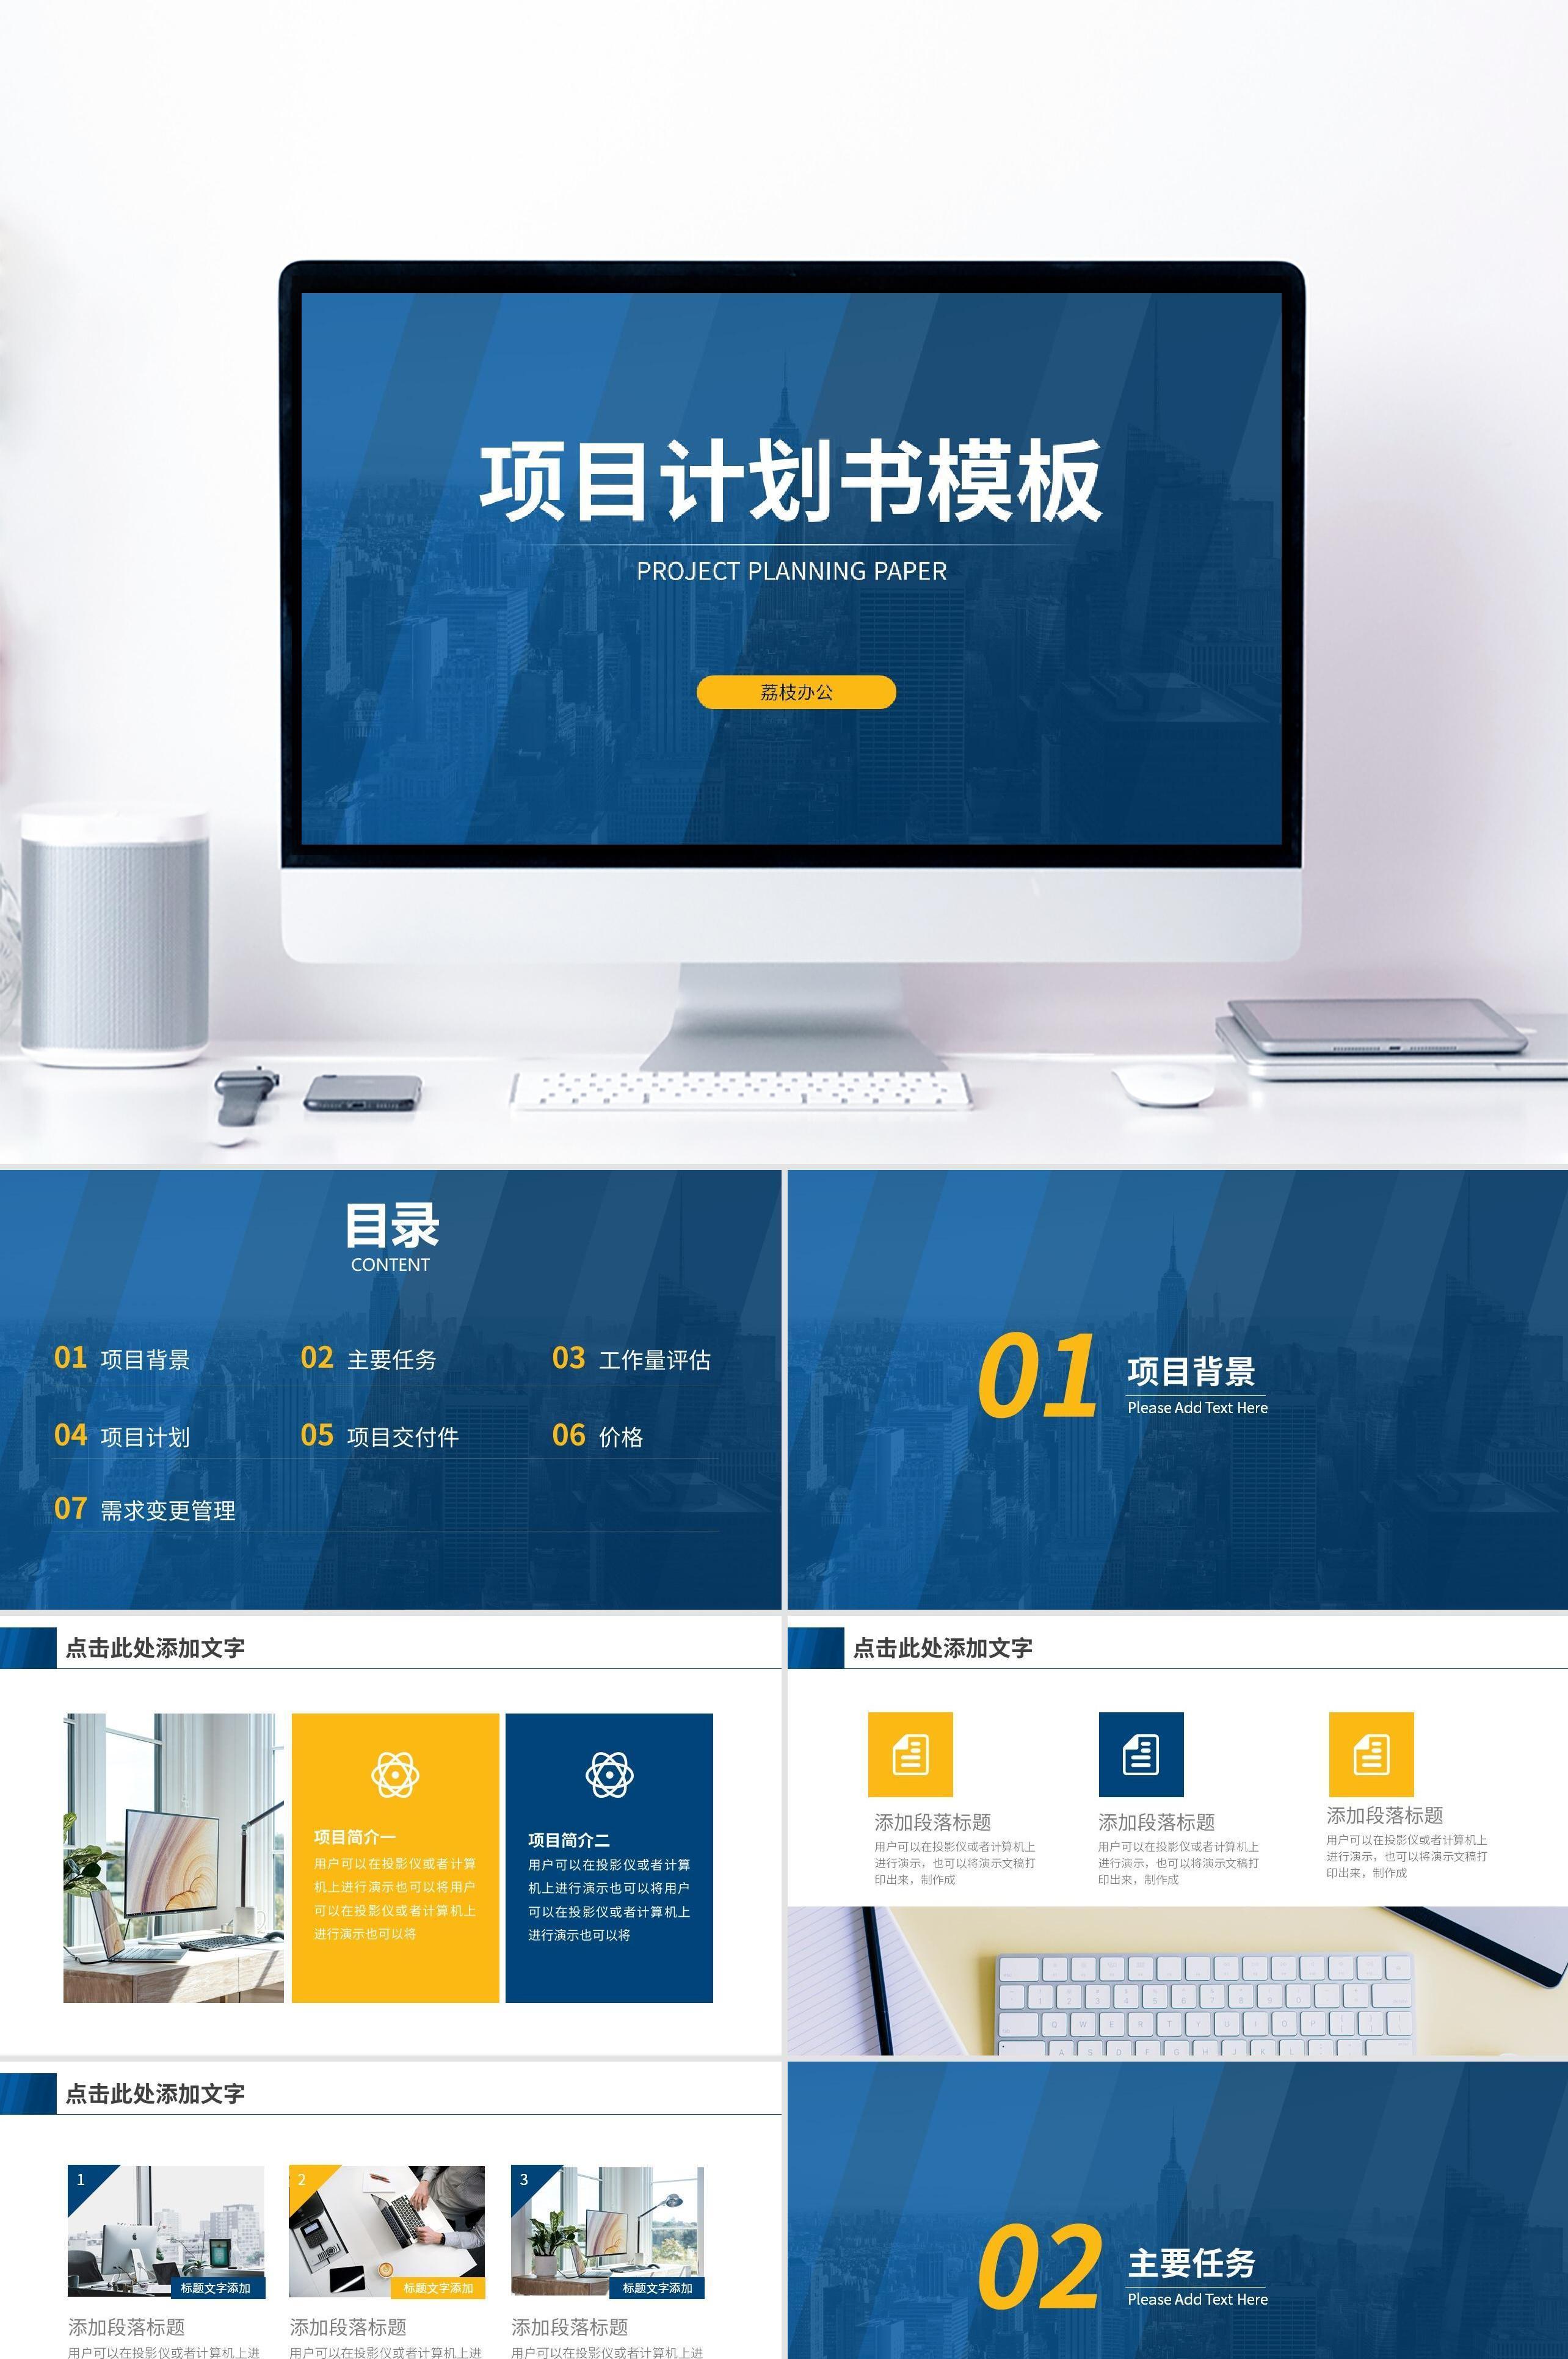 蓝色商务简约项目计划书PPT模板